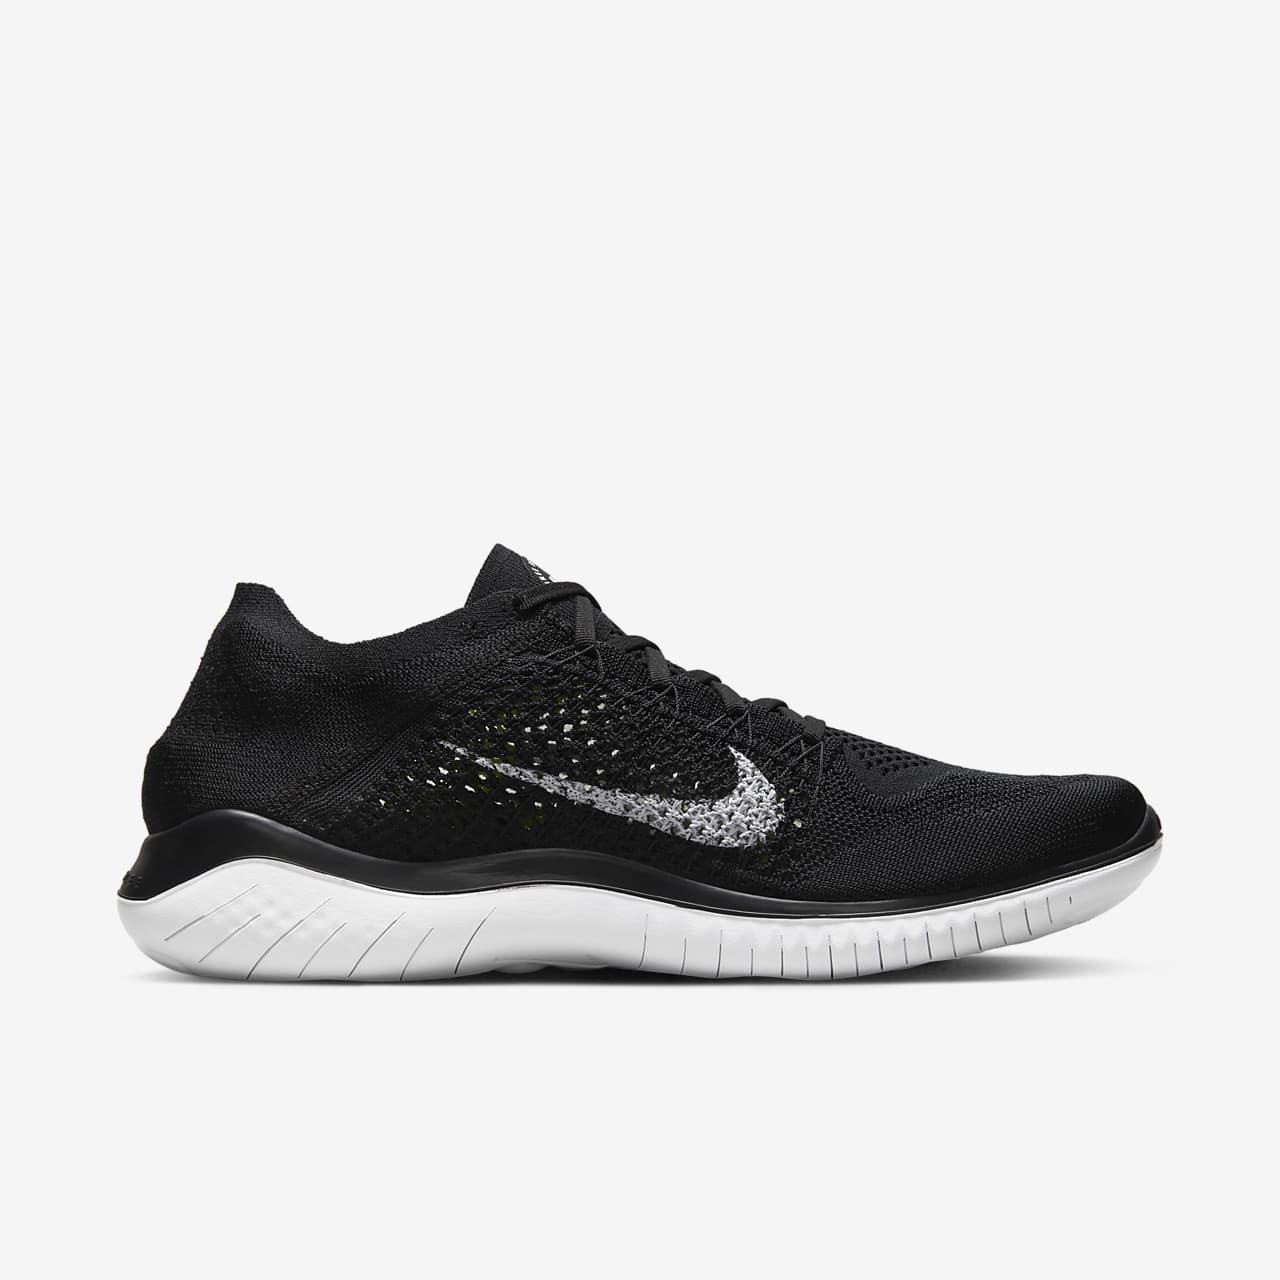 nike uomo scarpe 2018 running